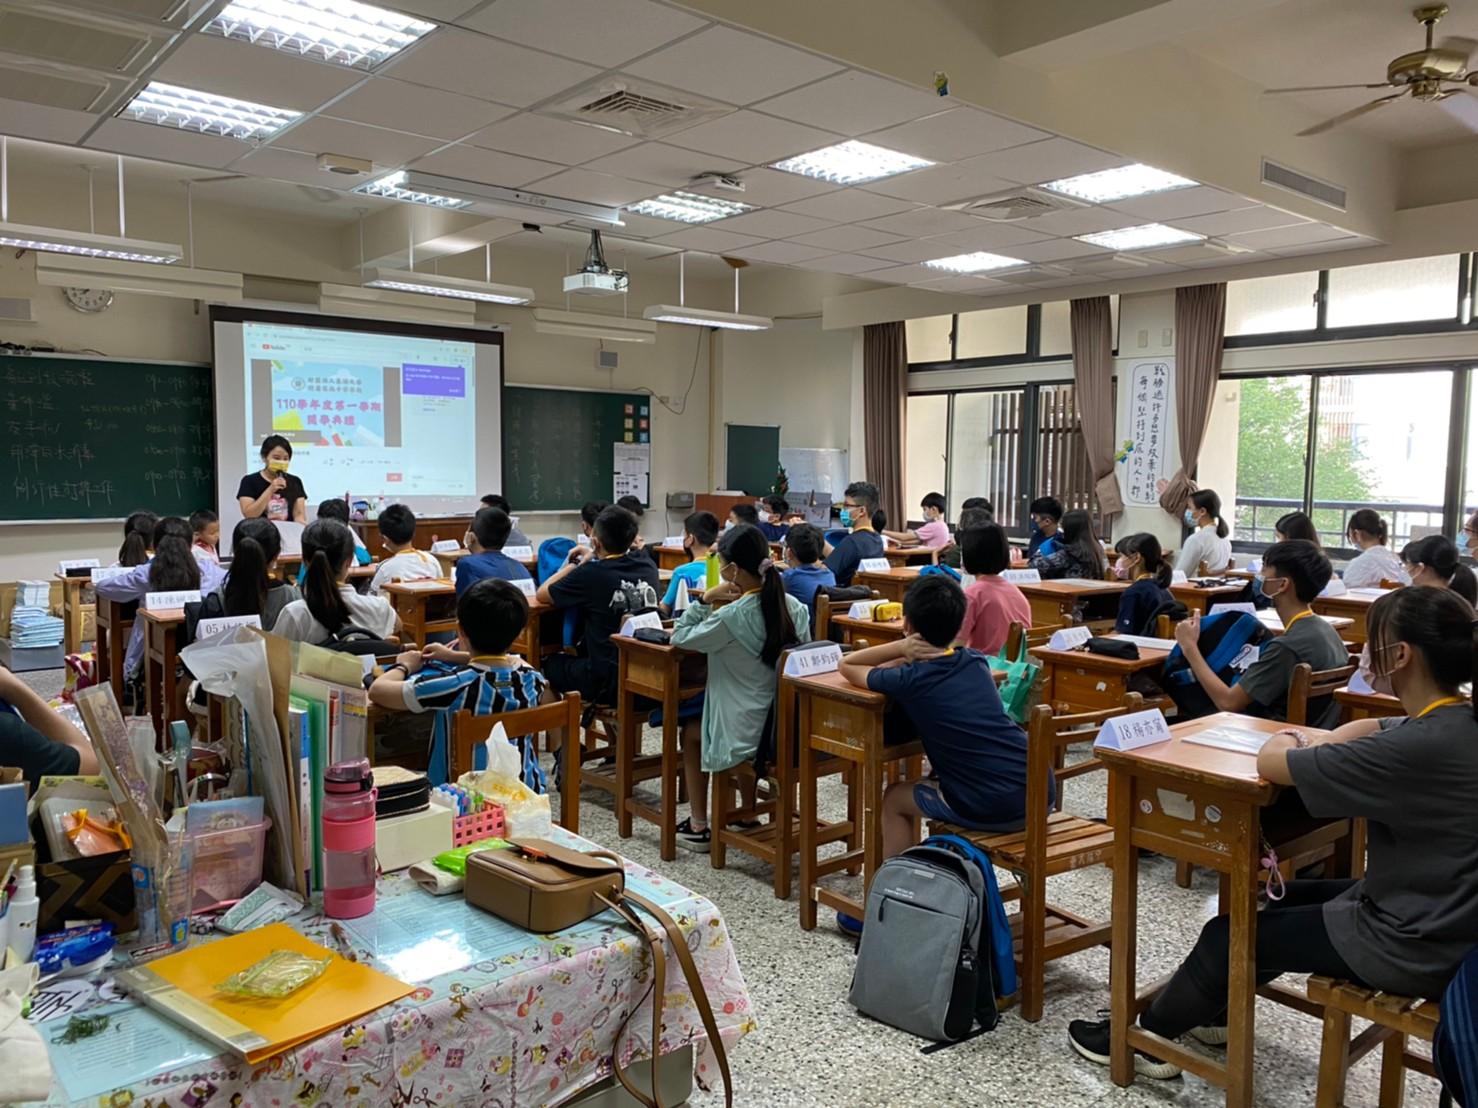 110學年度第一學期開學典禮